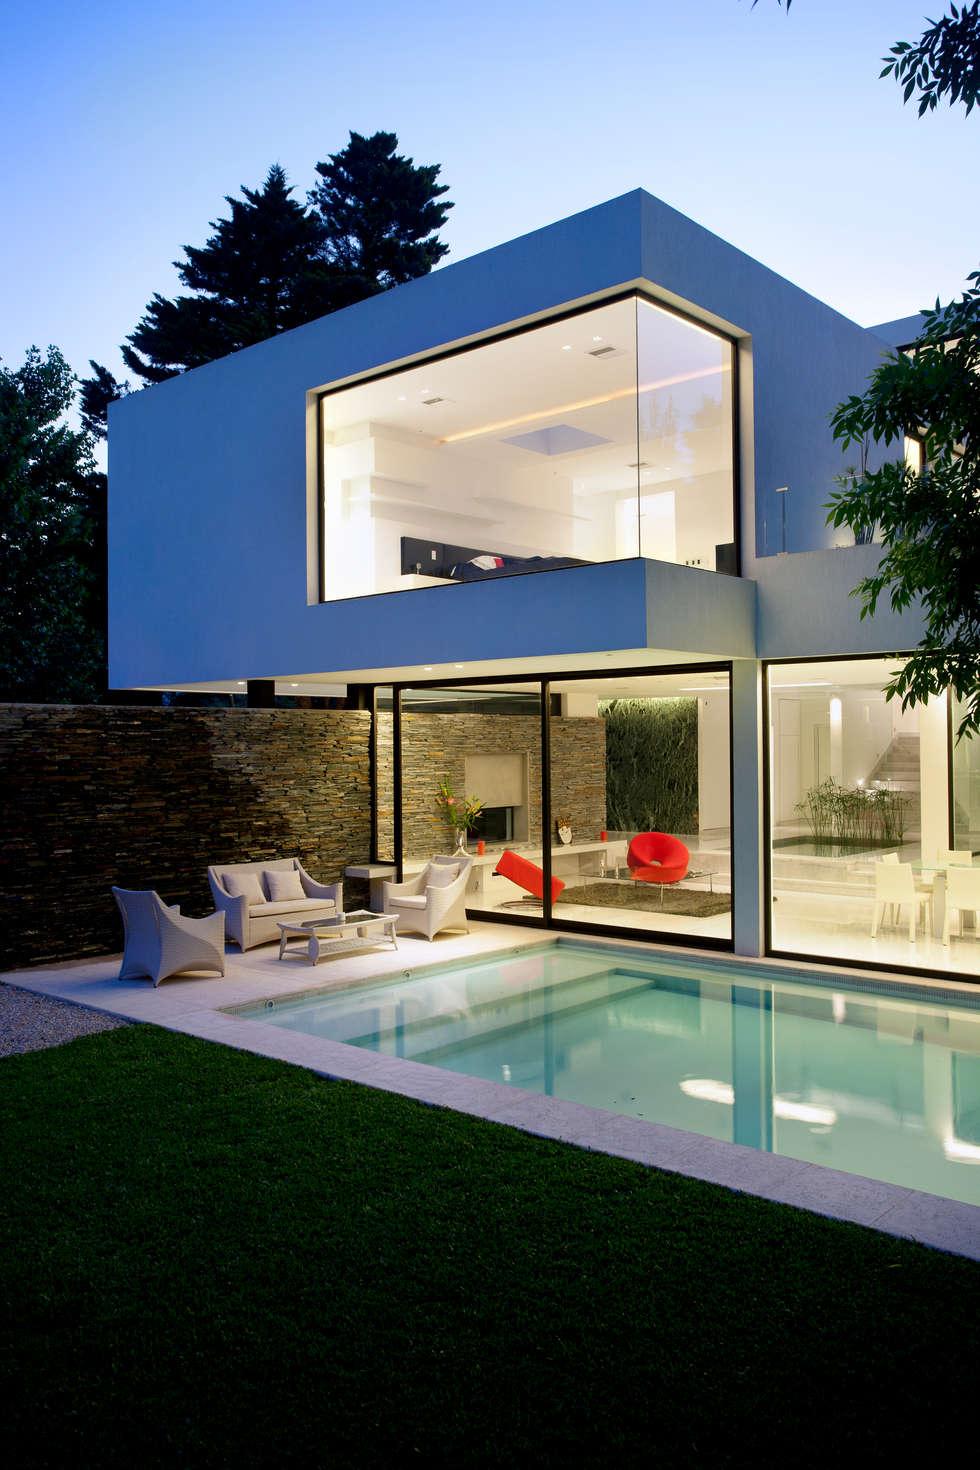 fotos de piletas de estilo minimalista : piscina nocturnas | homify